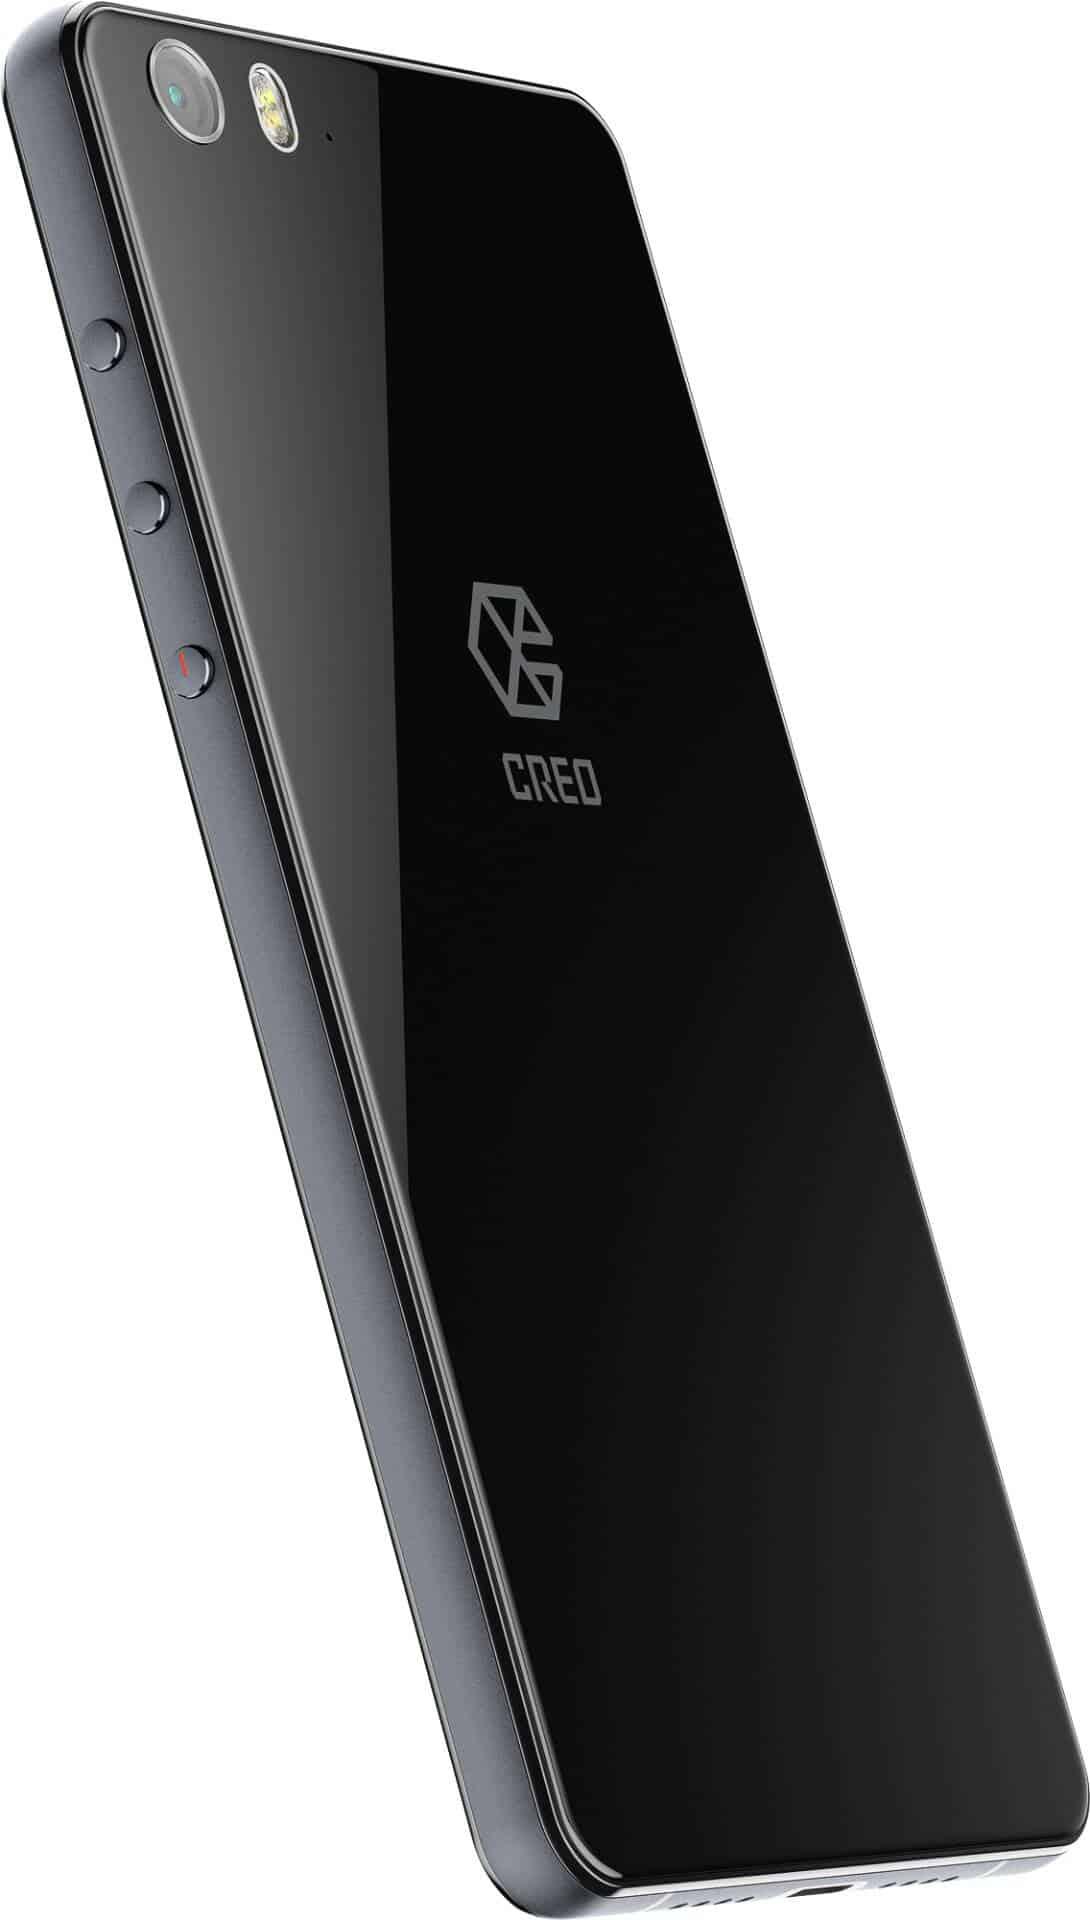 CREO Mark 1 Angled Back